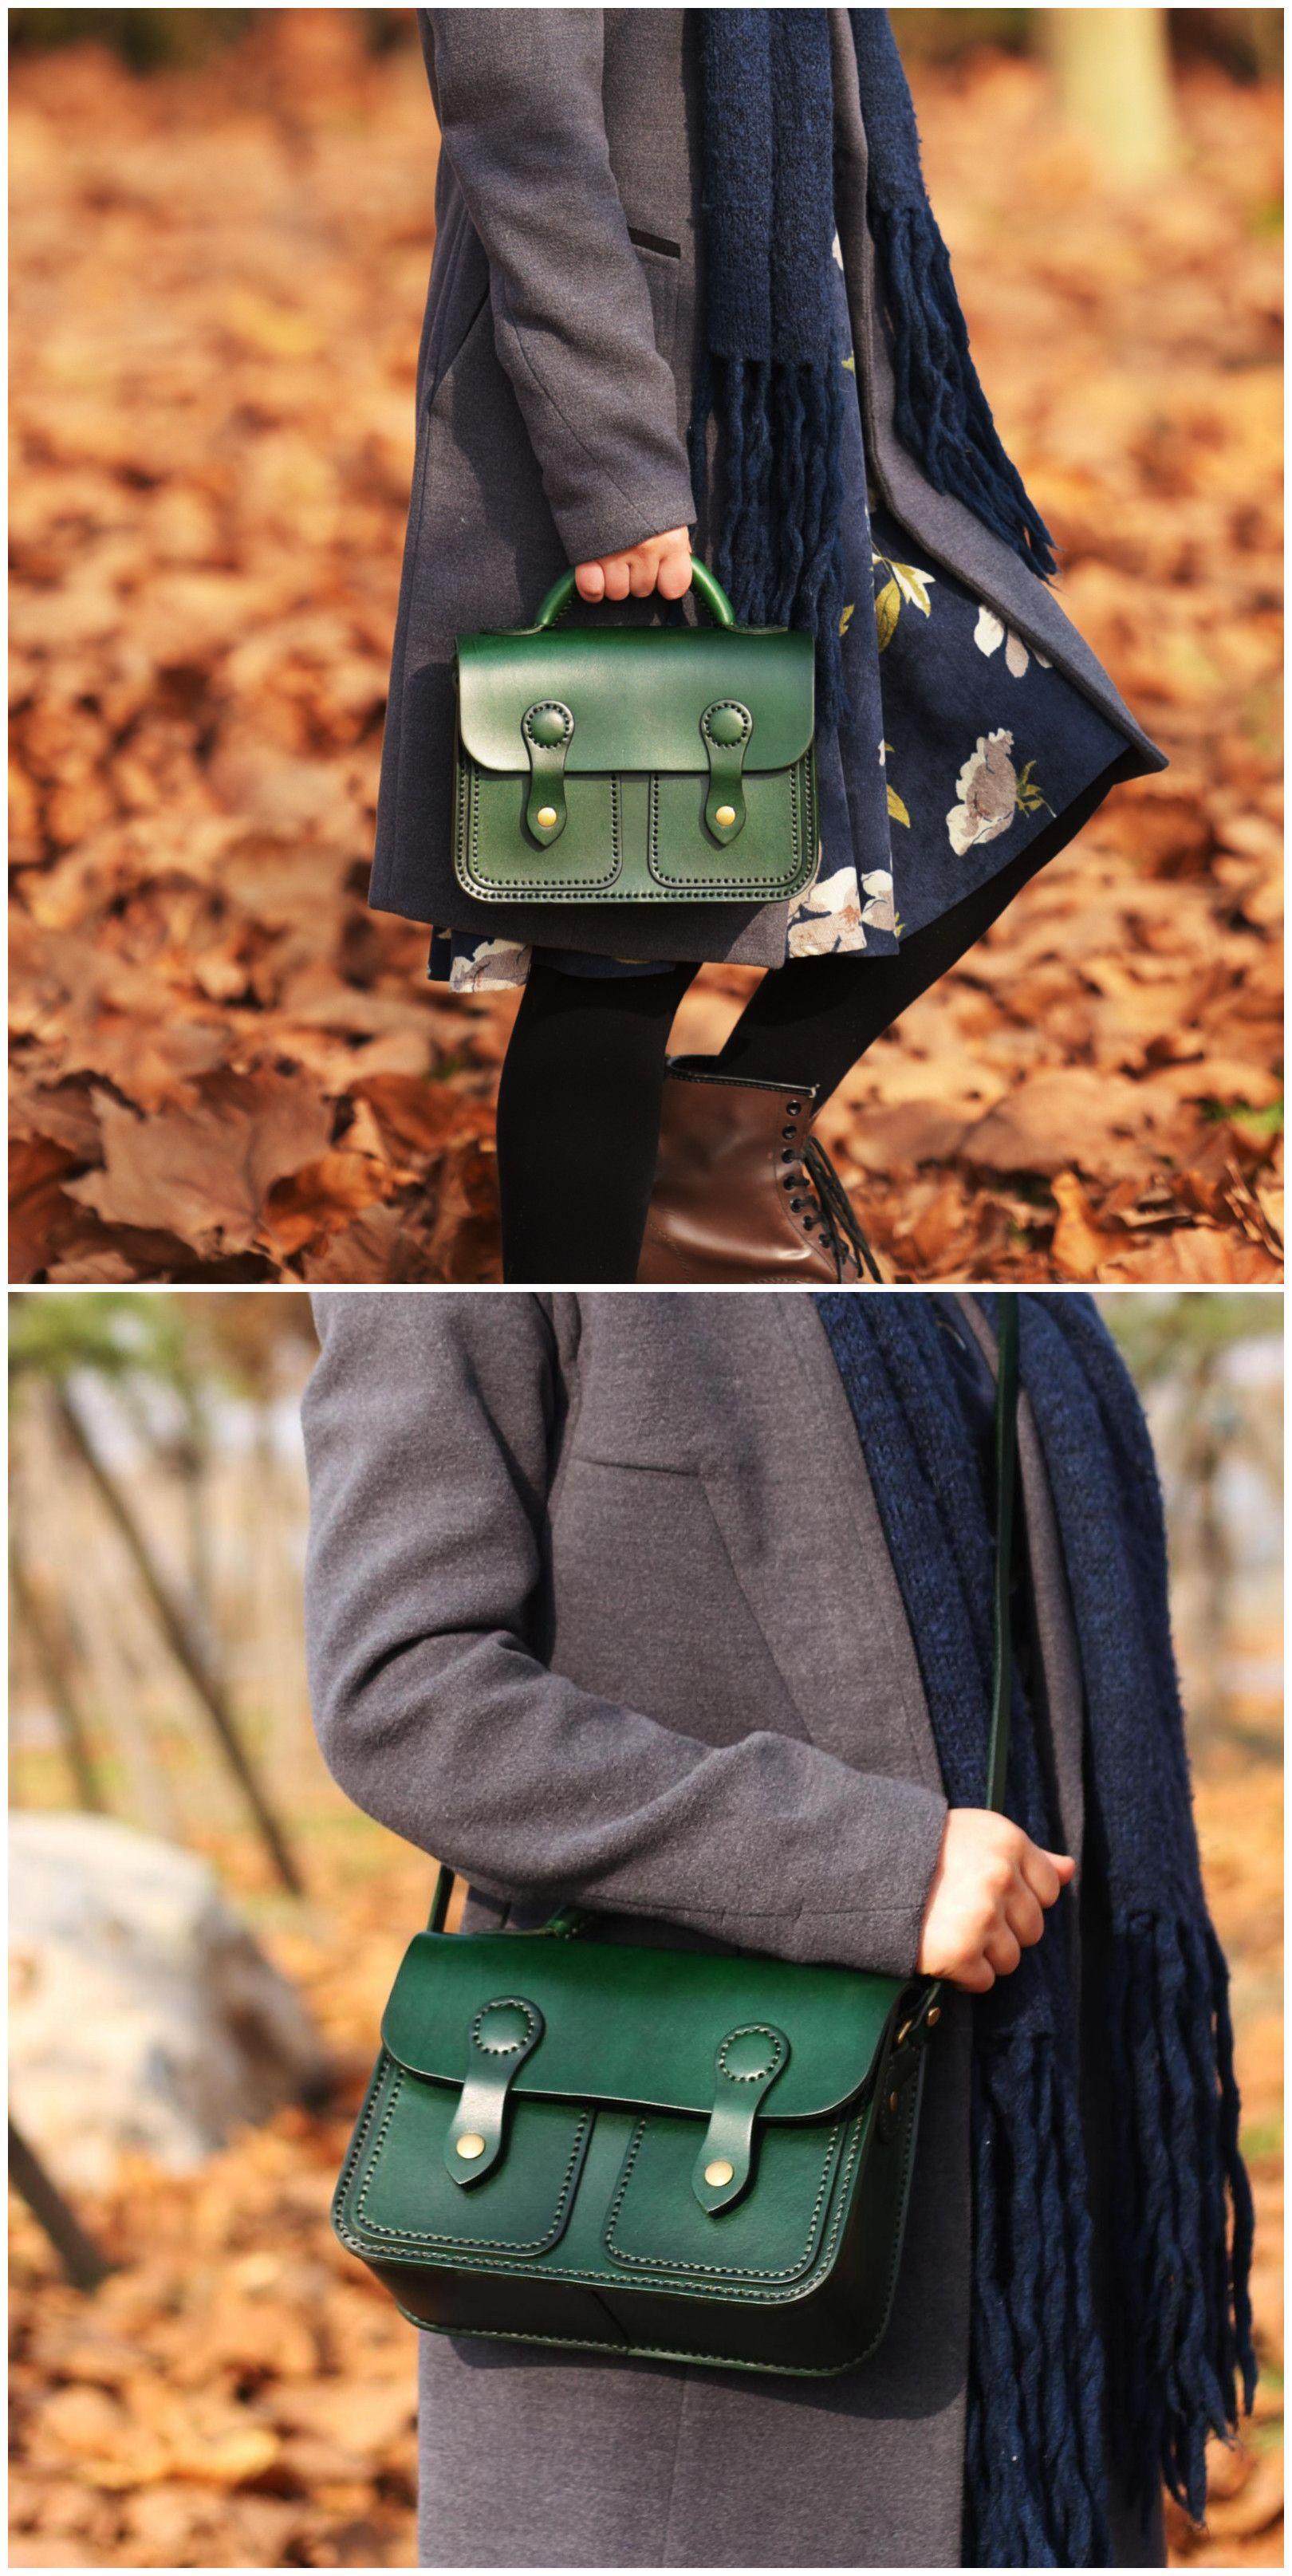 Leather Crossbody  Handbag  Shoulder Bag  Handstitched Tan Satchel